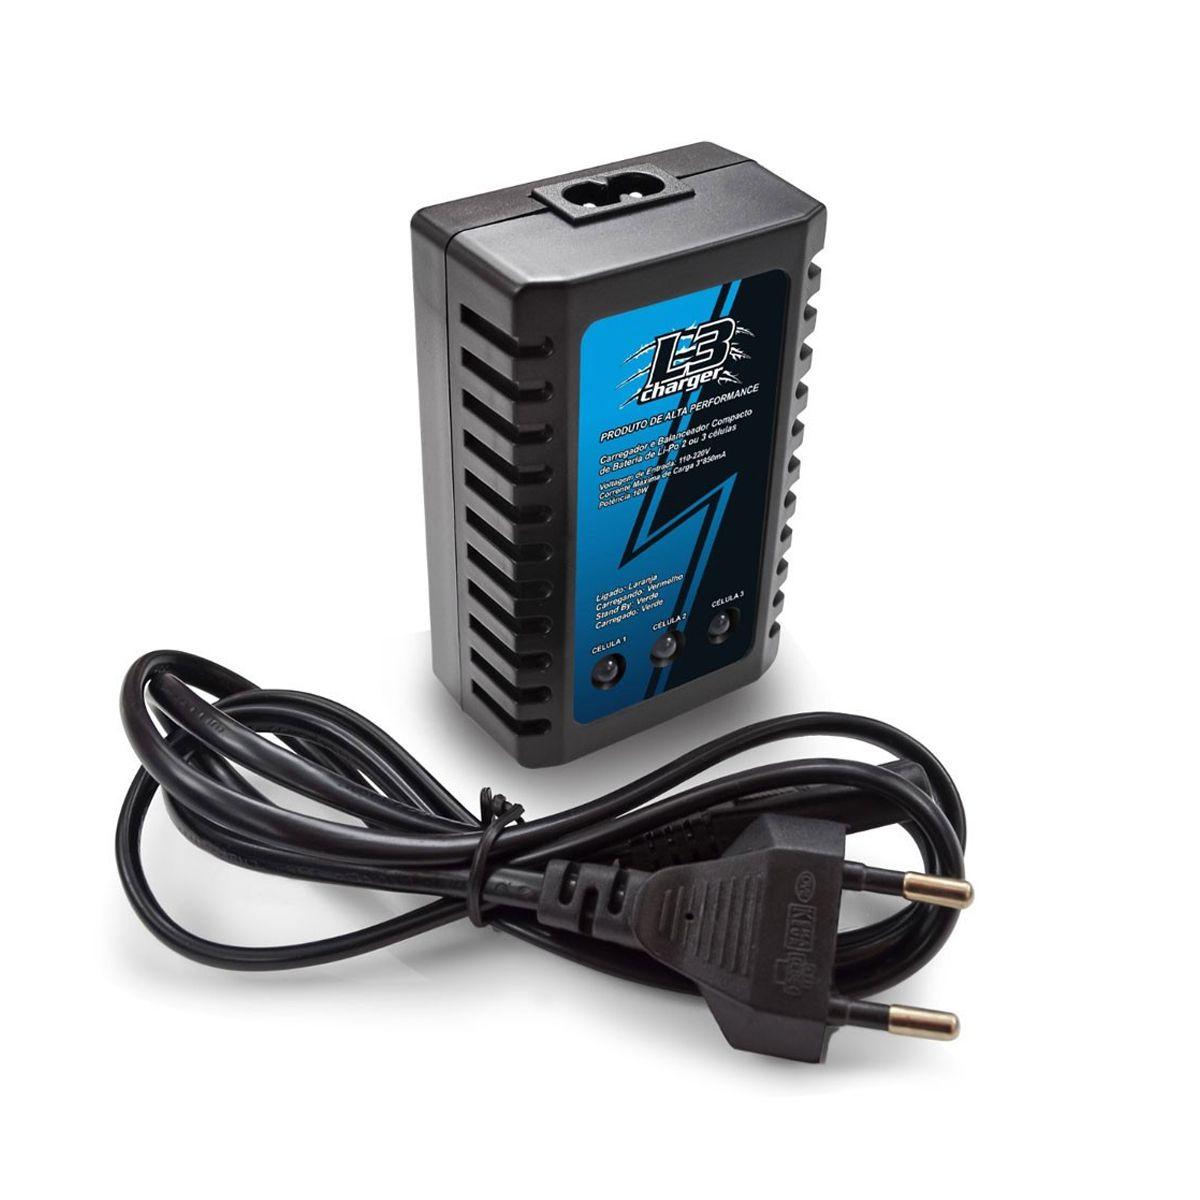 Carregador / Balanceador Bateria Lipo Leao L3 Original 2S/3S